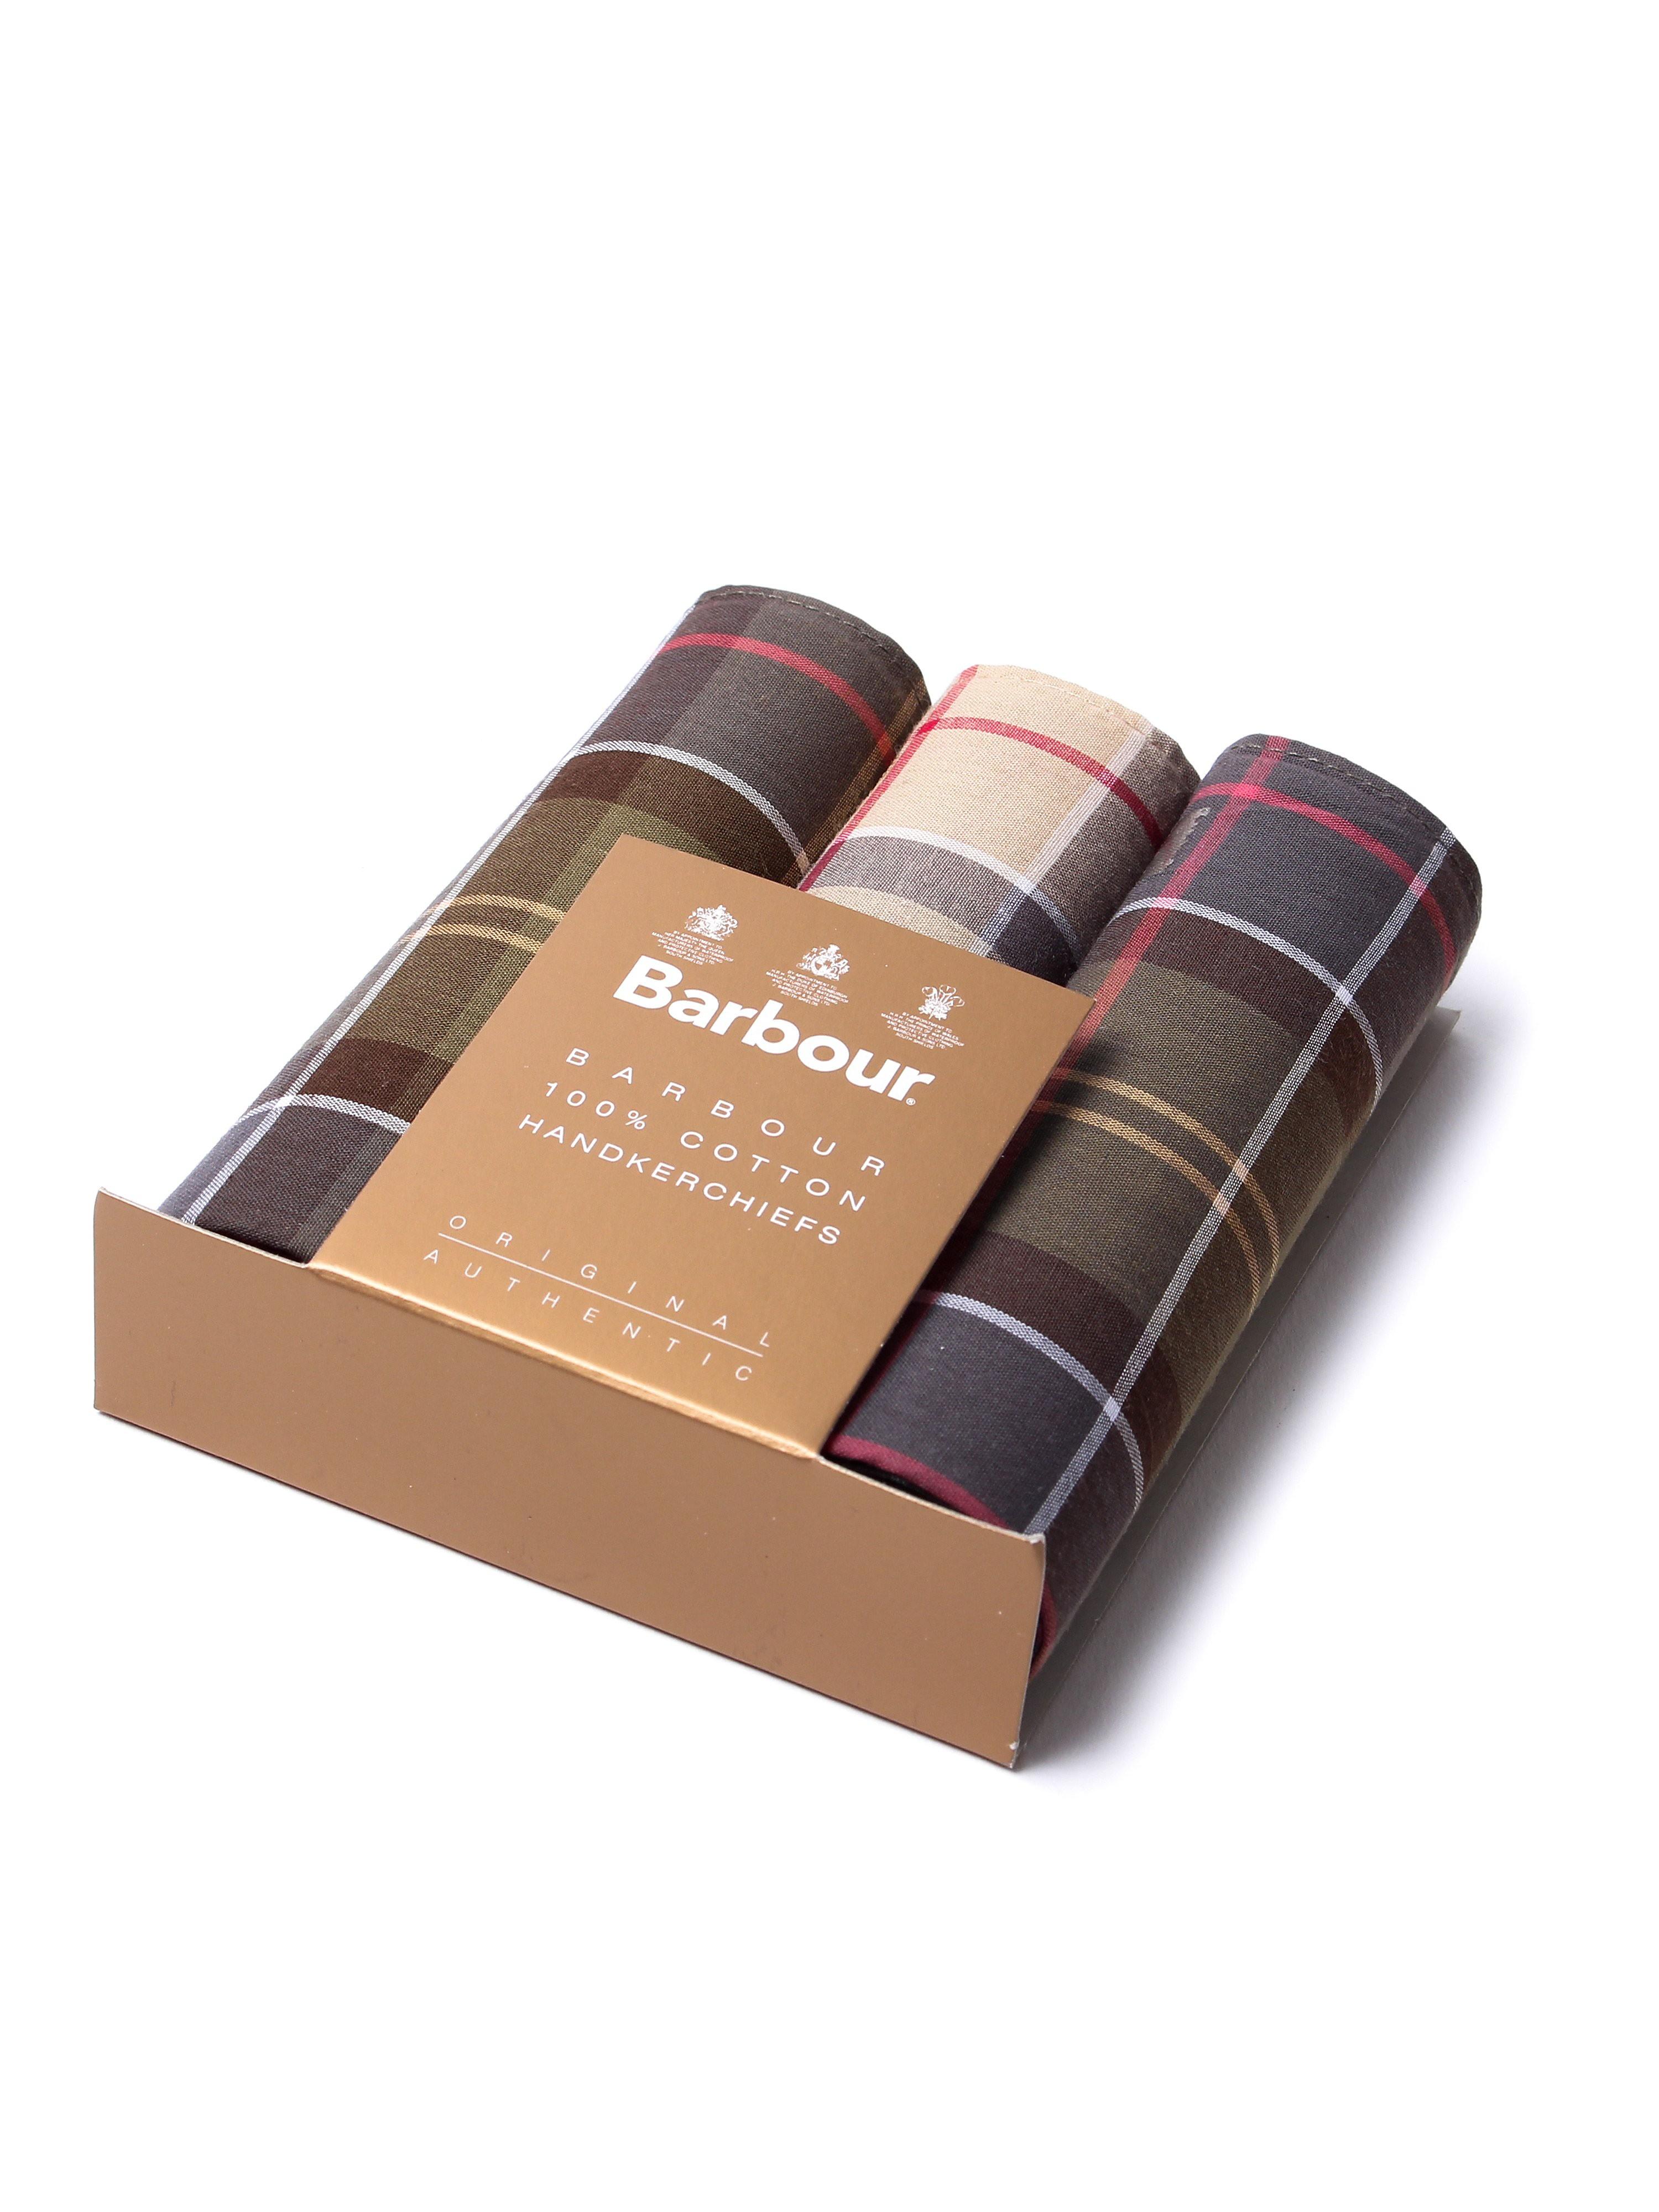 Barbour Handkerchief -  Tartan